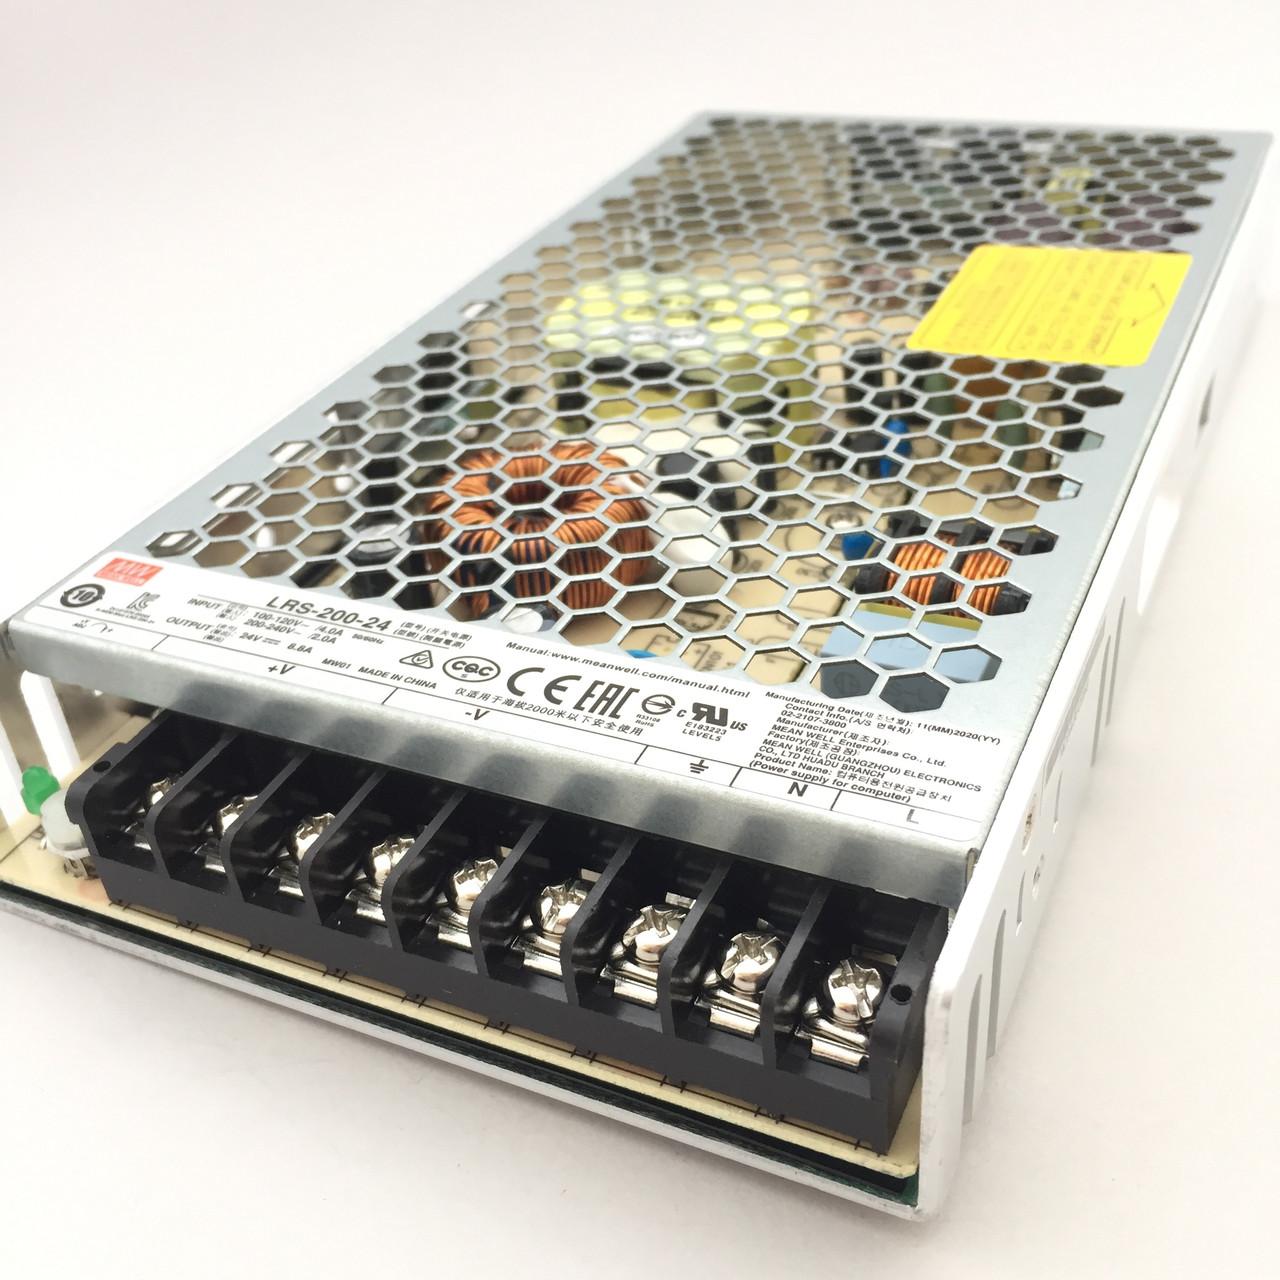 Блок питания 24В 200Вт для светодиодной ленты MEANWELL LRS-200-24 215x115x30 мм негерметичный